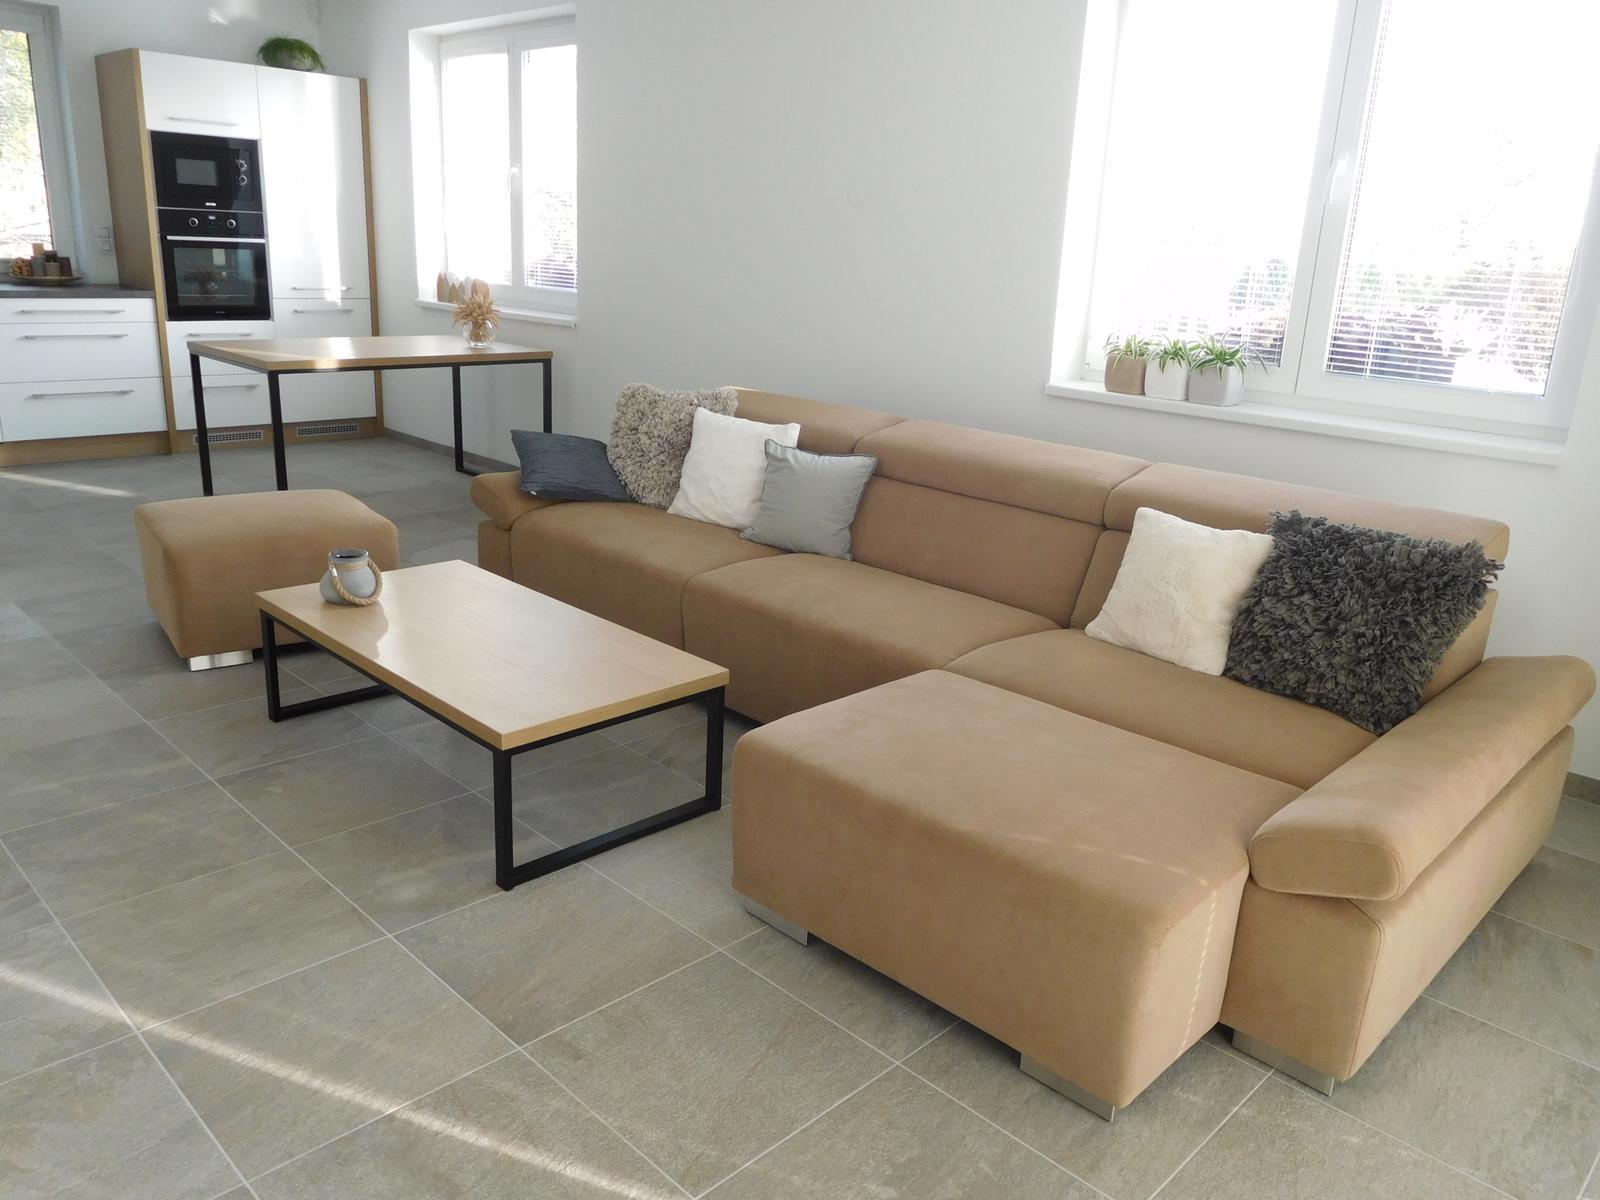 Náš nový domov - Konečně máme stoly!!!!!!